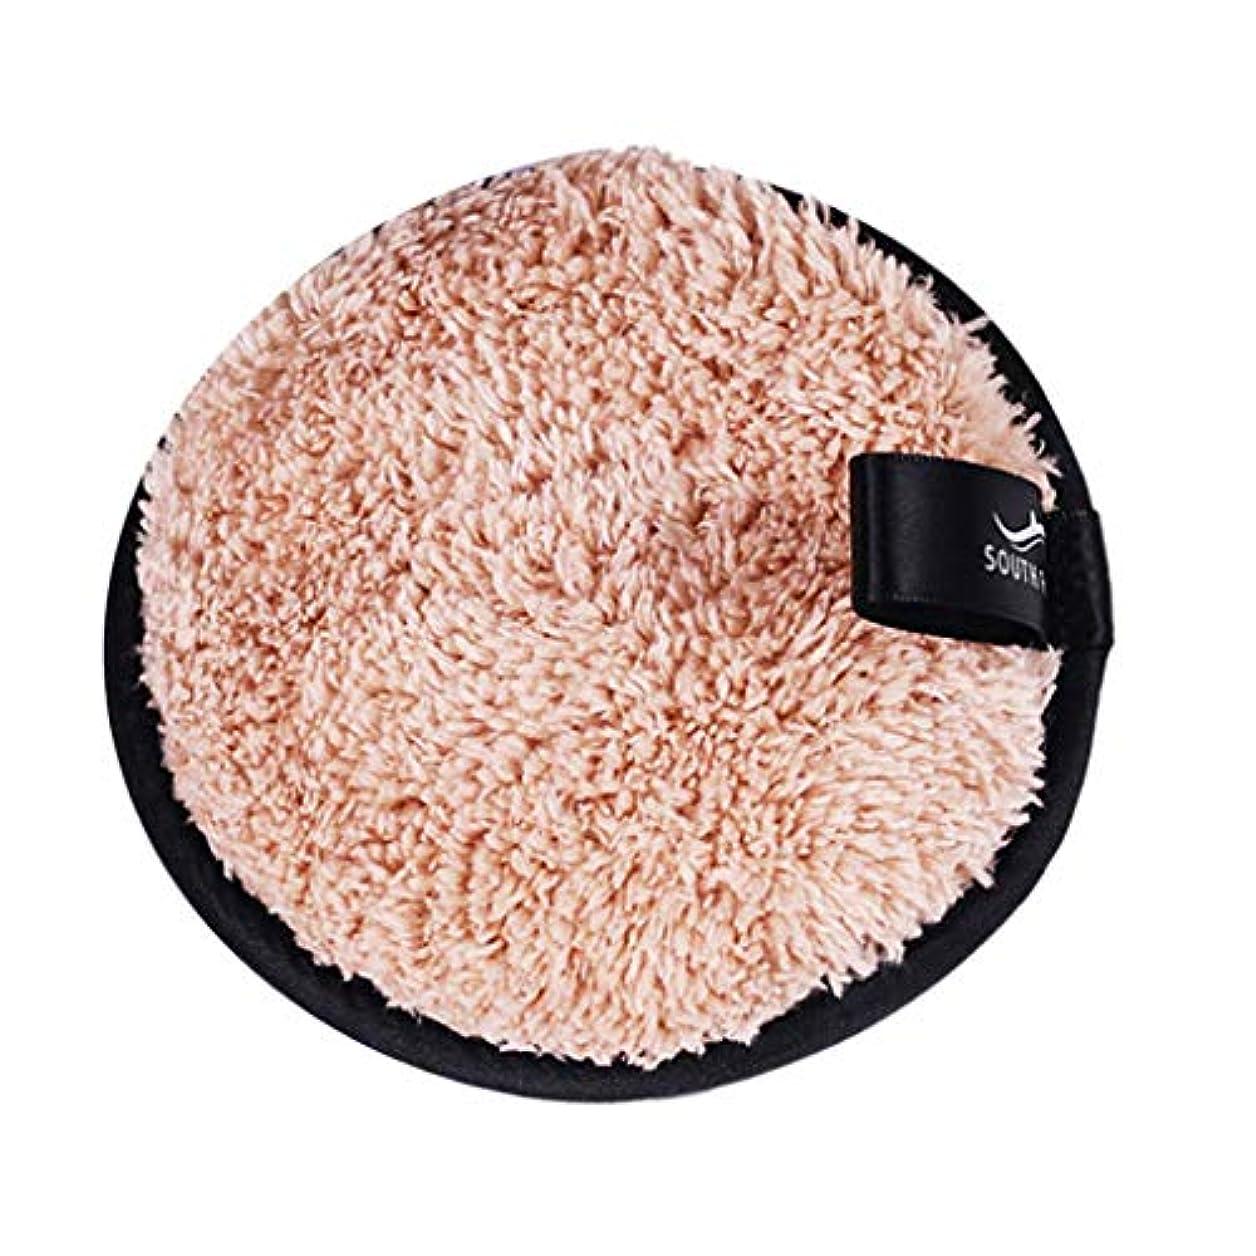 主婦壁厳密にメイクリムーバーパッド 化粧品 フェイシャル クレンジング パフ スポンジ 3色選べ - 褐色